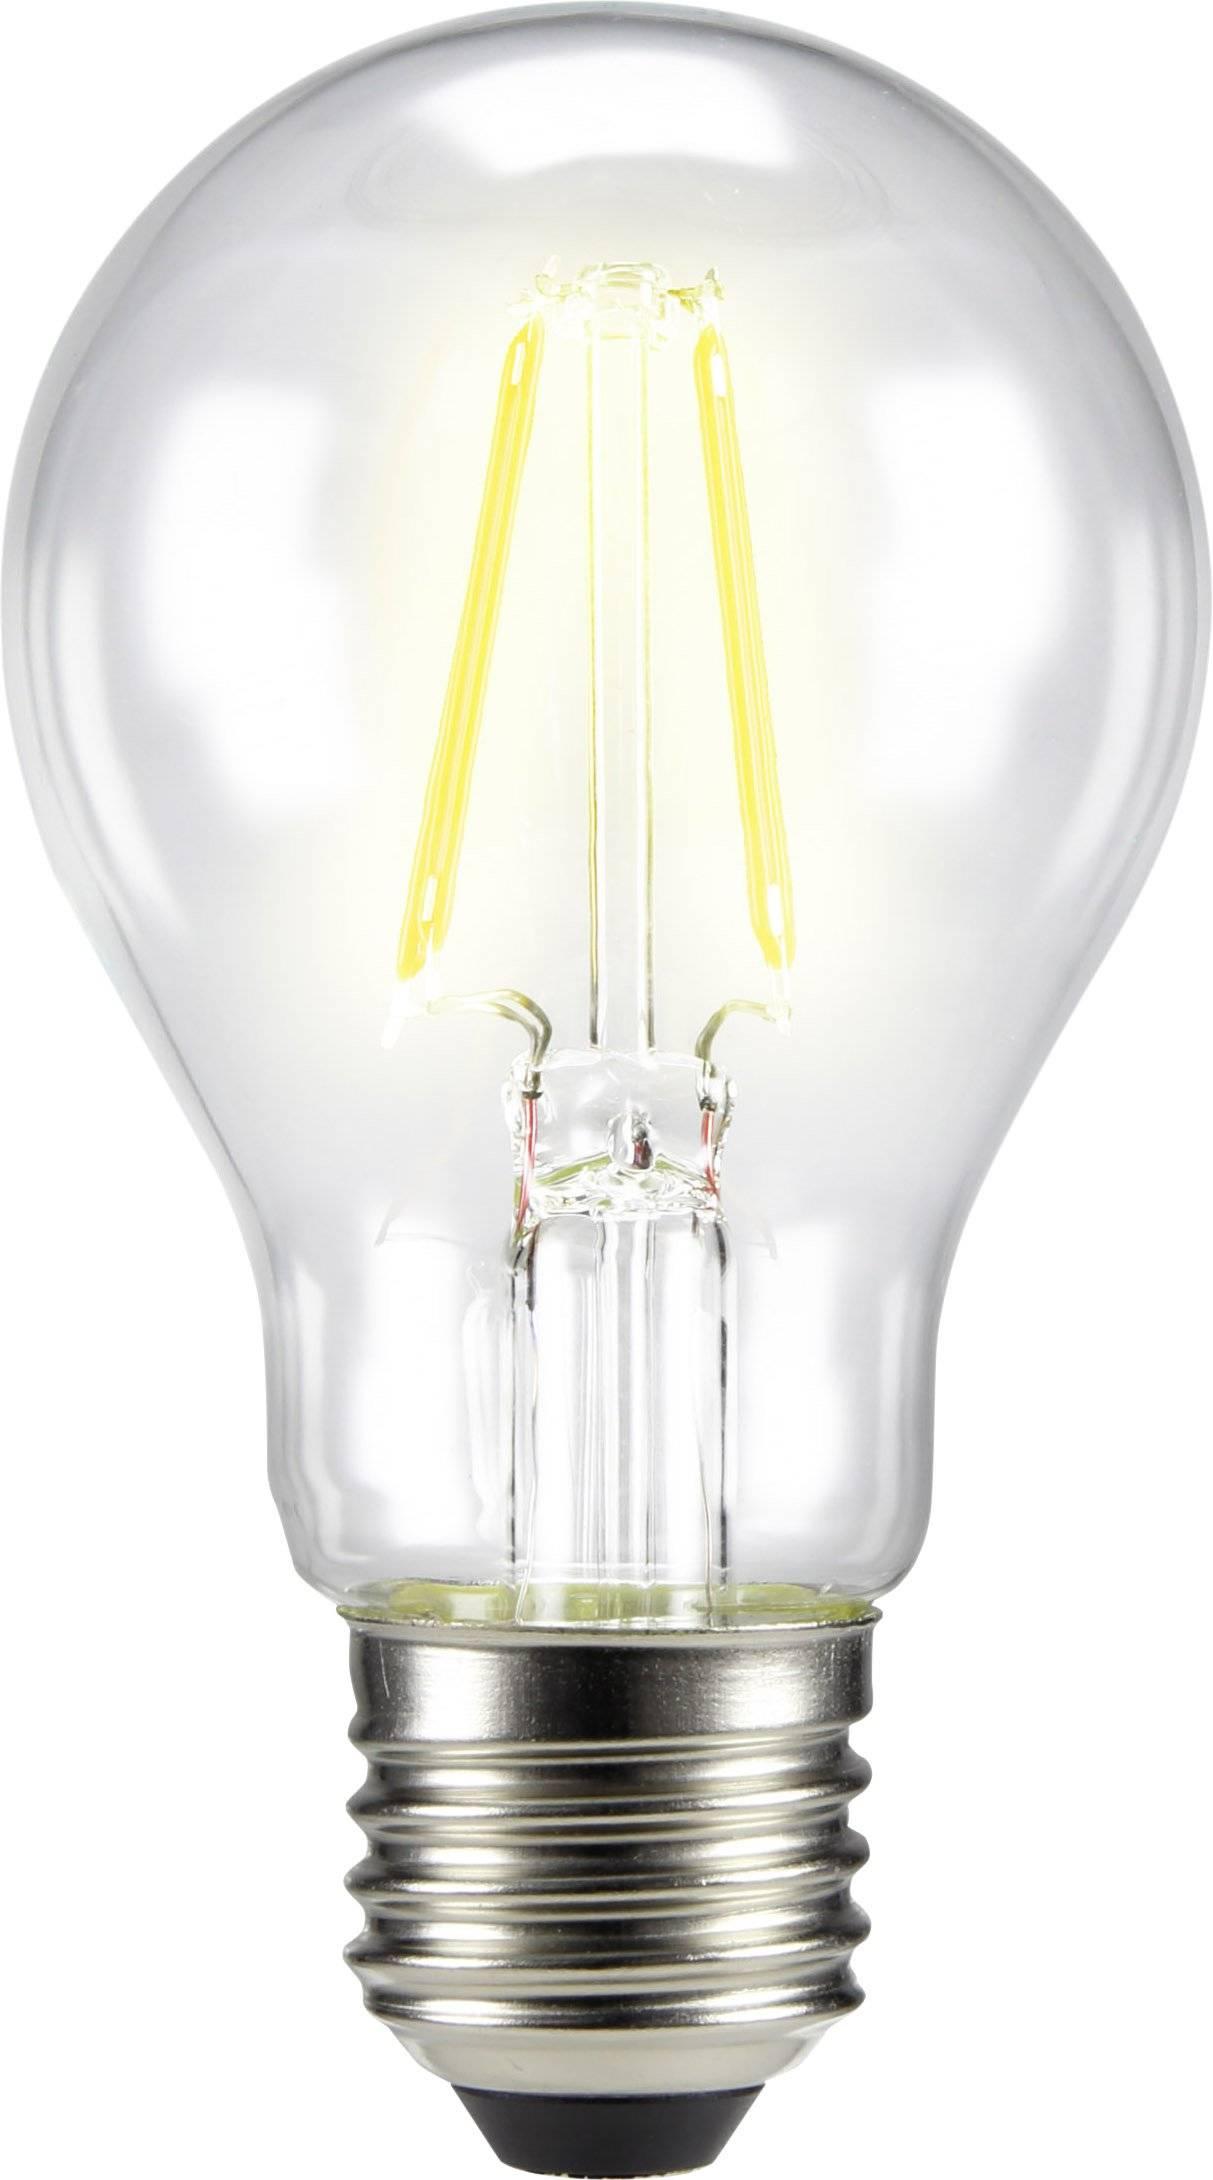 LED žiarovka Sygonix, E27, 6 W, 230 V, teplá biela